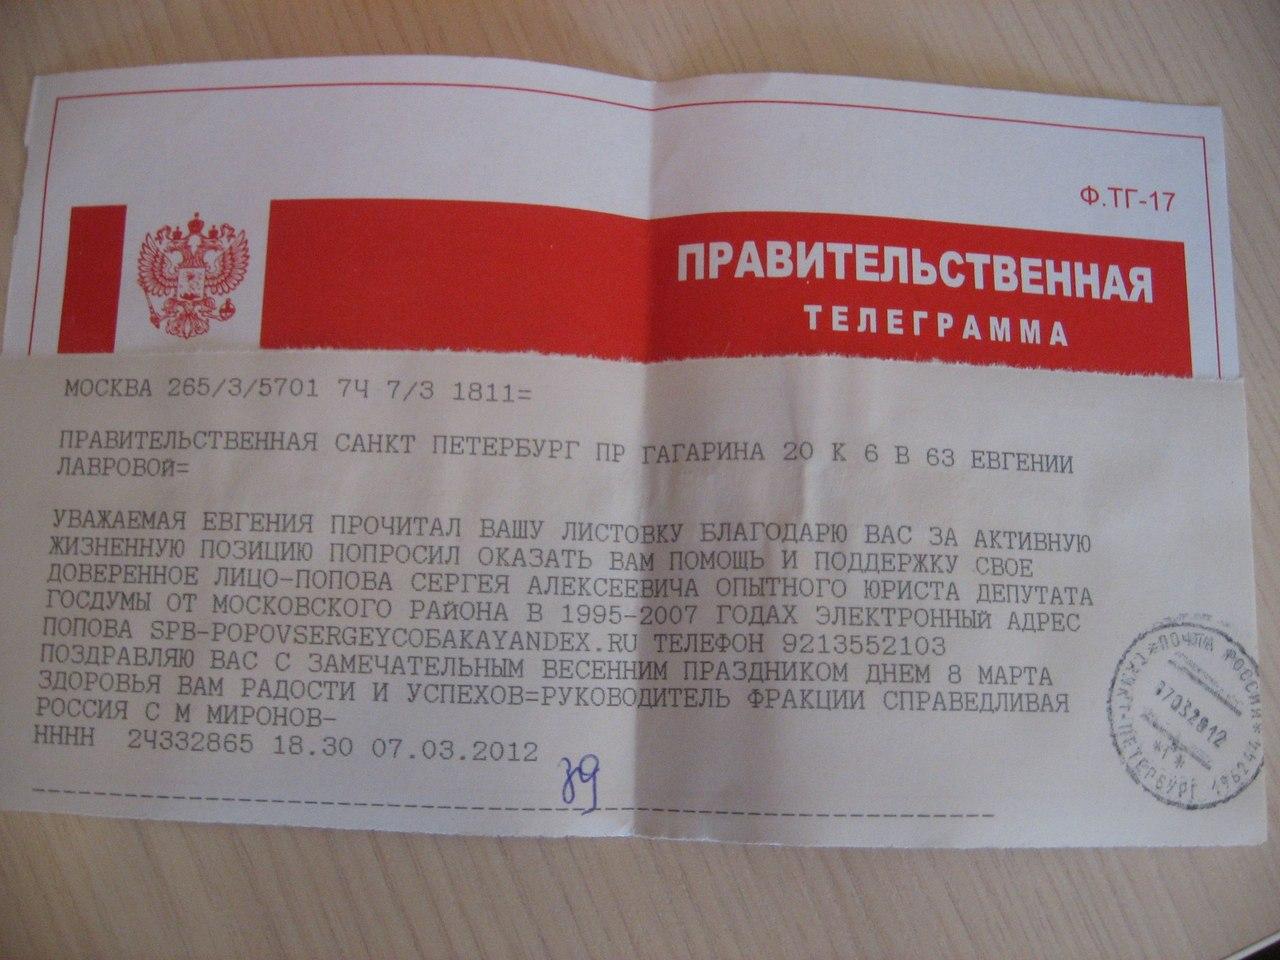 Автор Евгения Лаврова получила телеграмму от кандидата Сергея Миронова после развешивания листовок